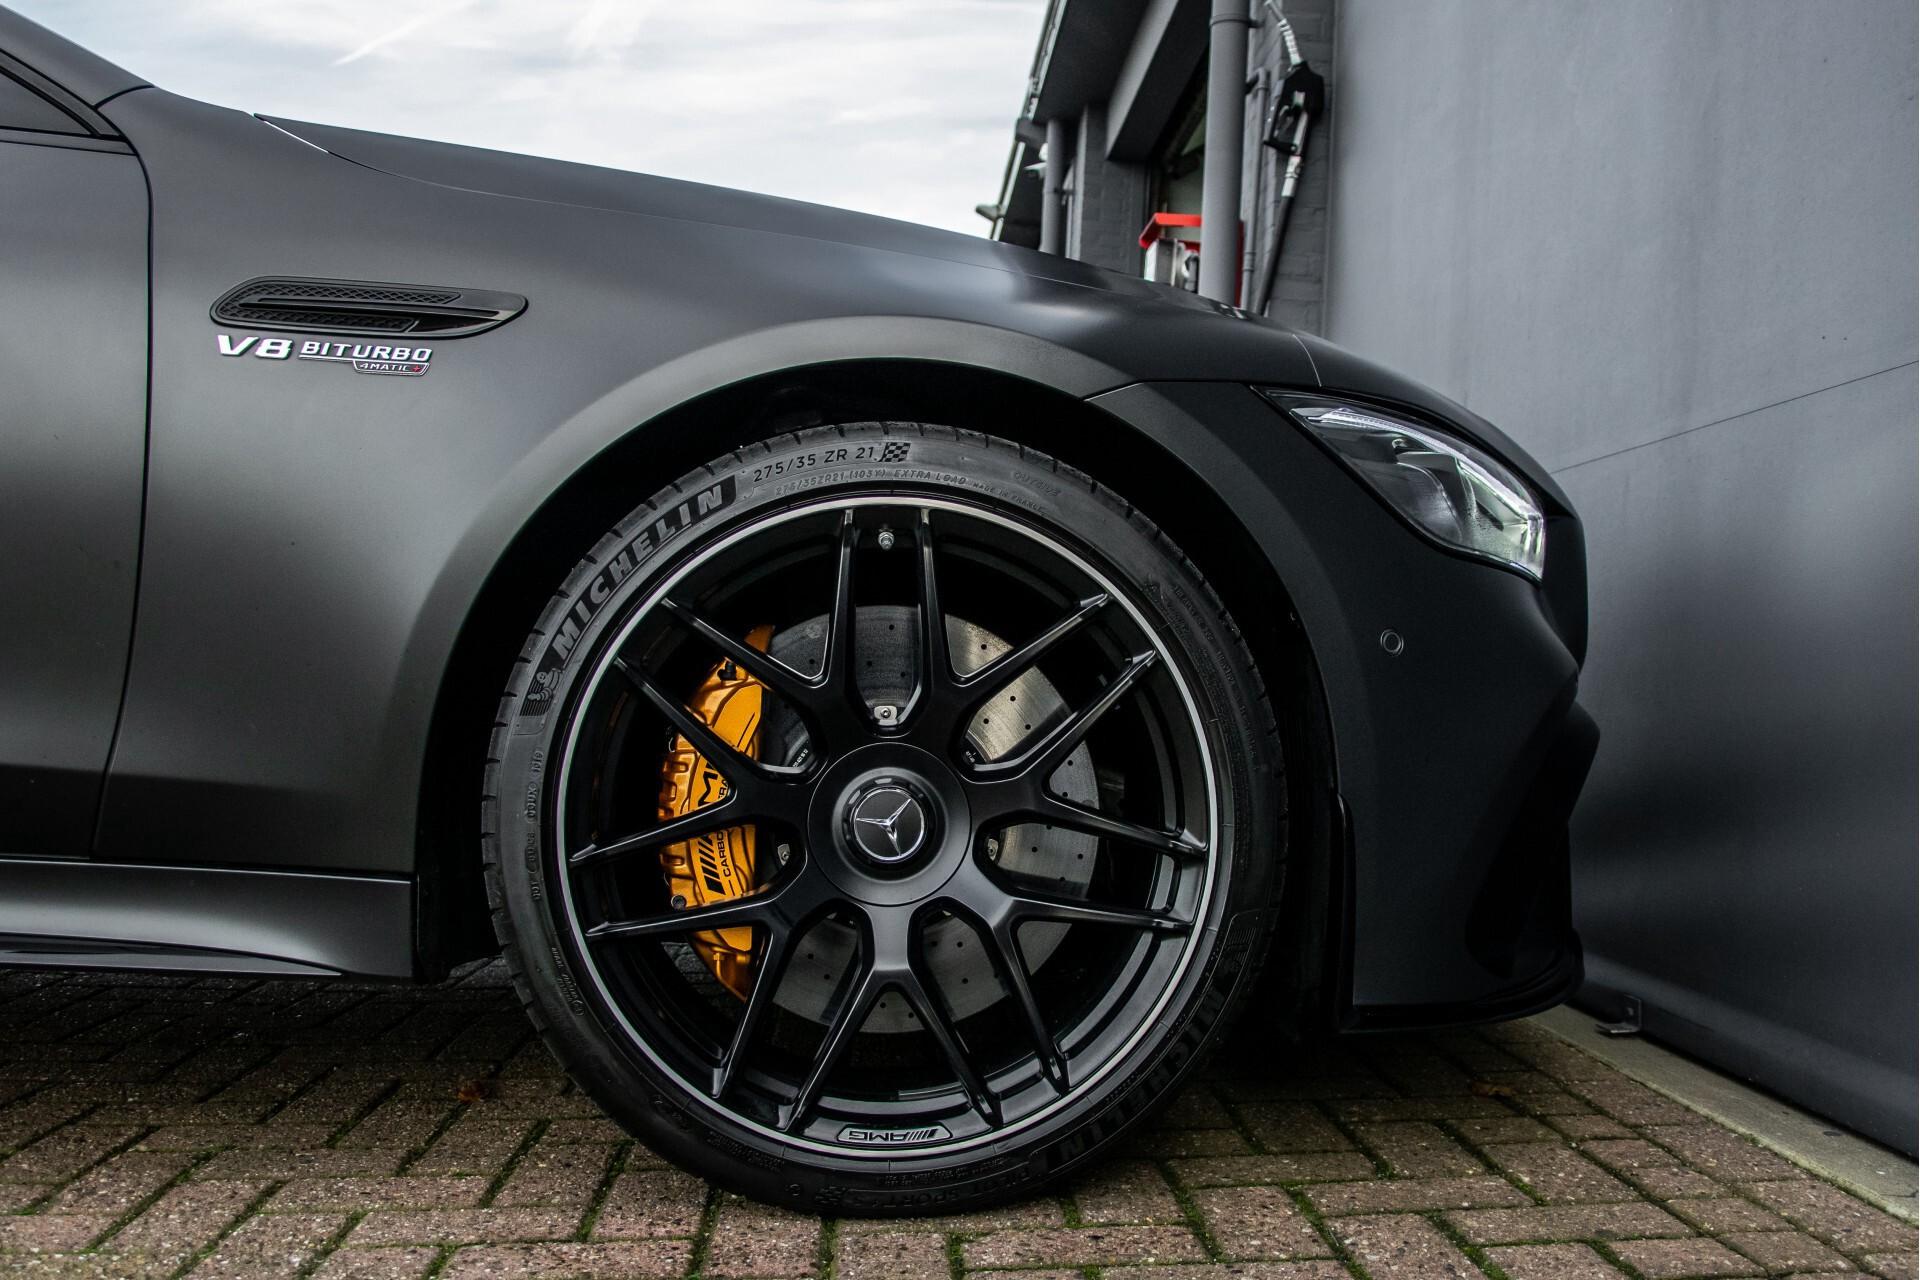 Mercedes-Benz AMG GT 4-Door Coupe 63 S 4M+ Keramisch/Full Carbon/Aerodynamica/Burmester 3D/TV/Performance stoelen/Standkachel Aut9 Foto 70